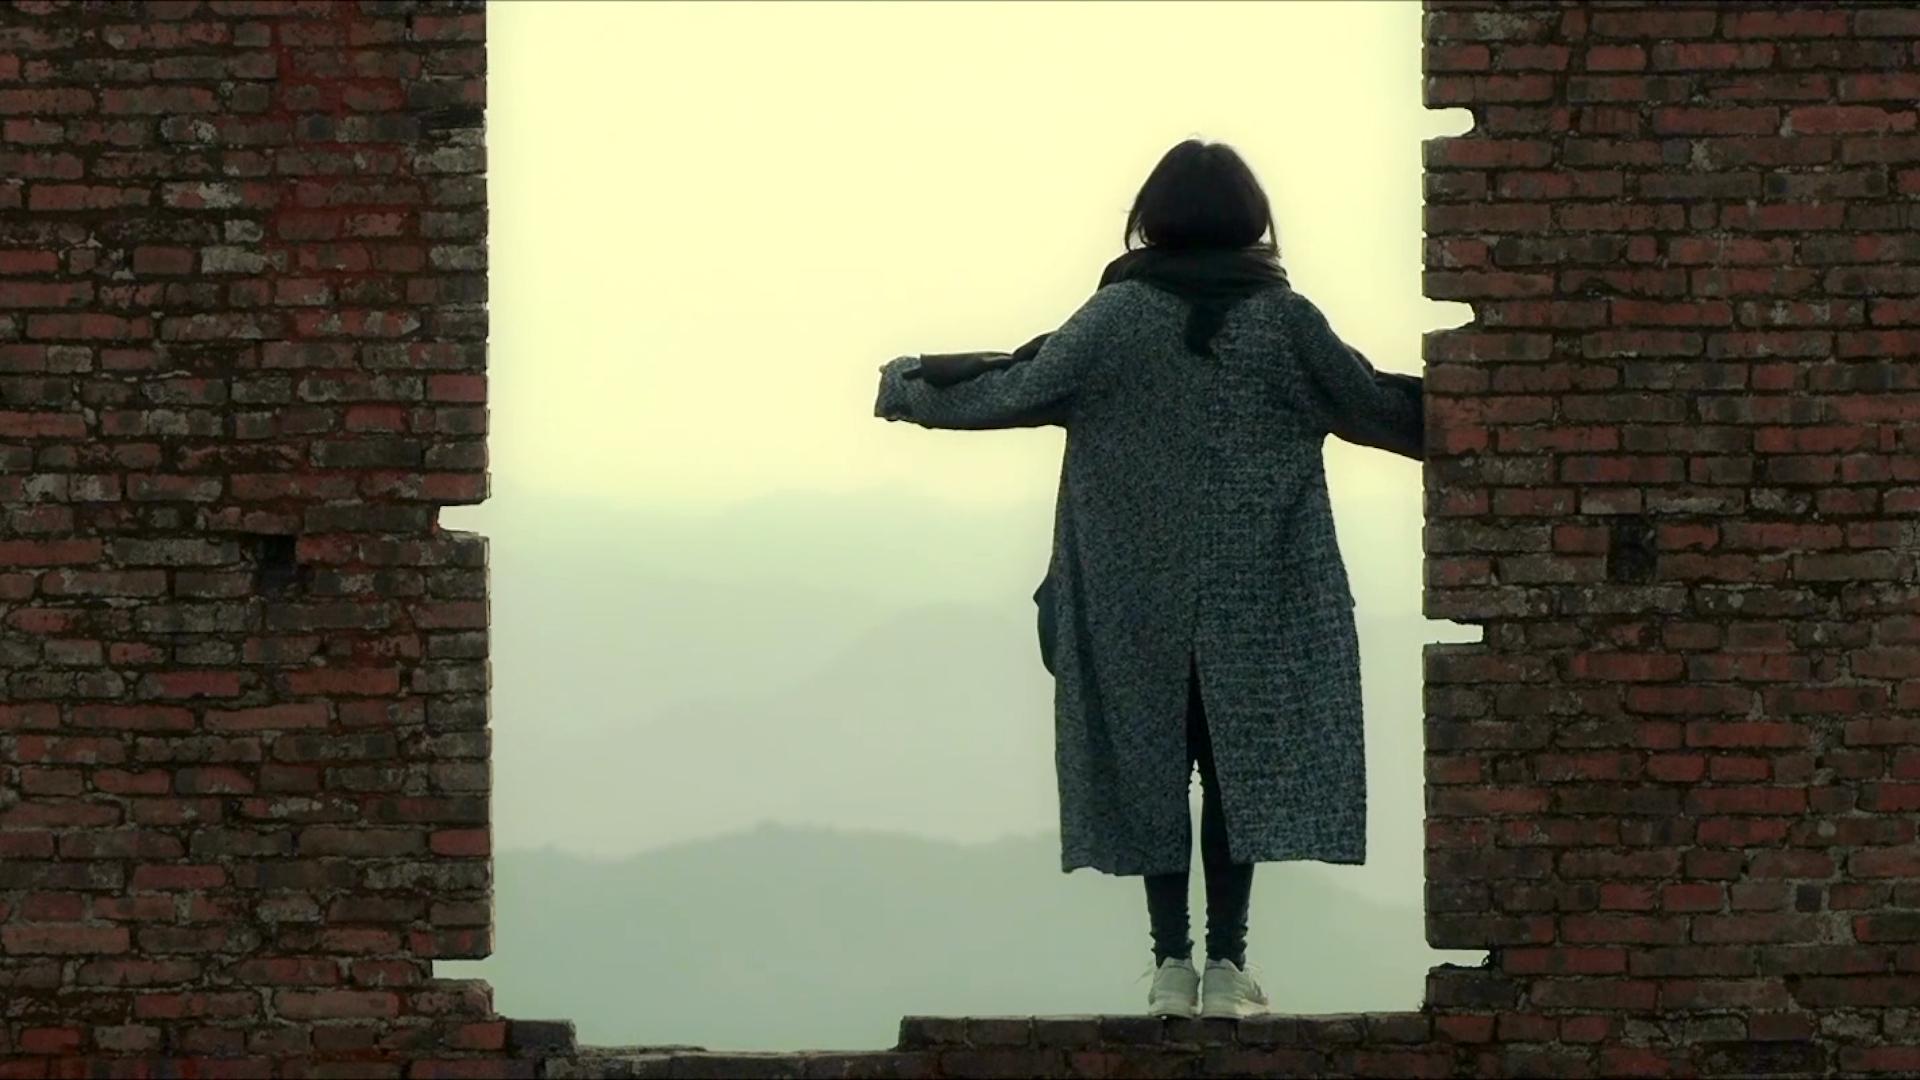 近些年最大胆的国产女性电影,拍出了中国女人难以启齿的难处!